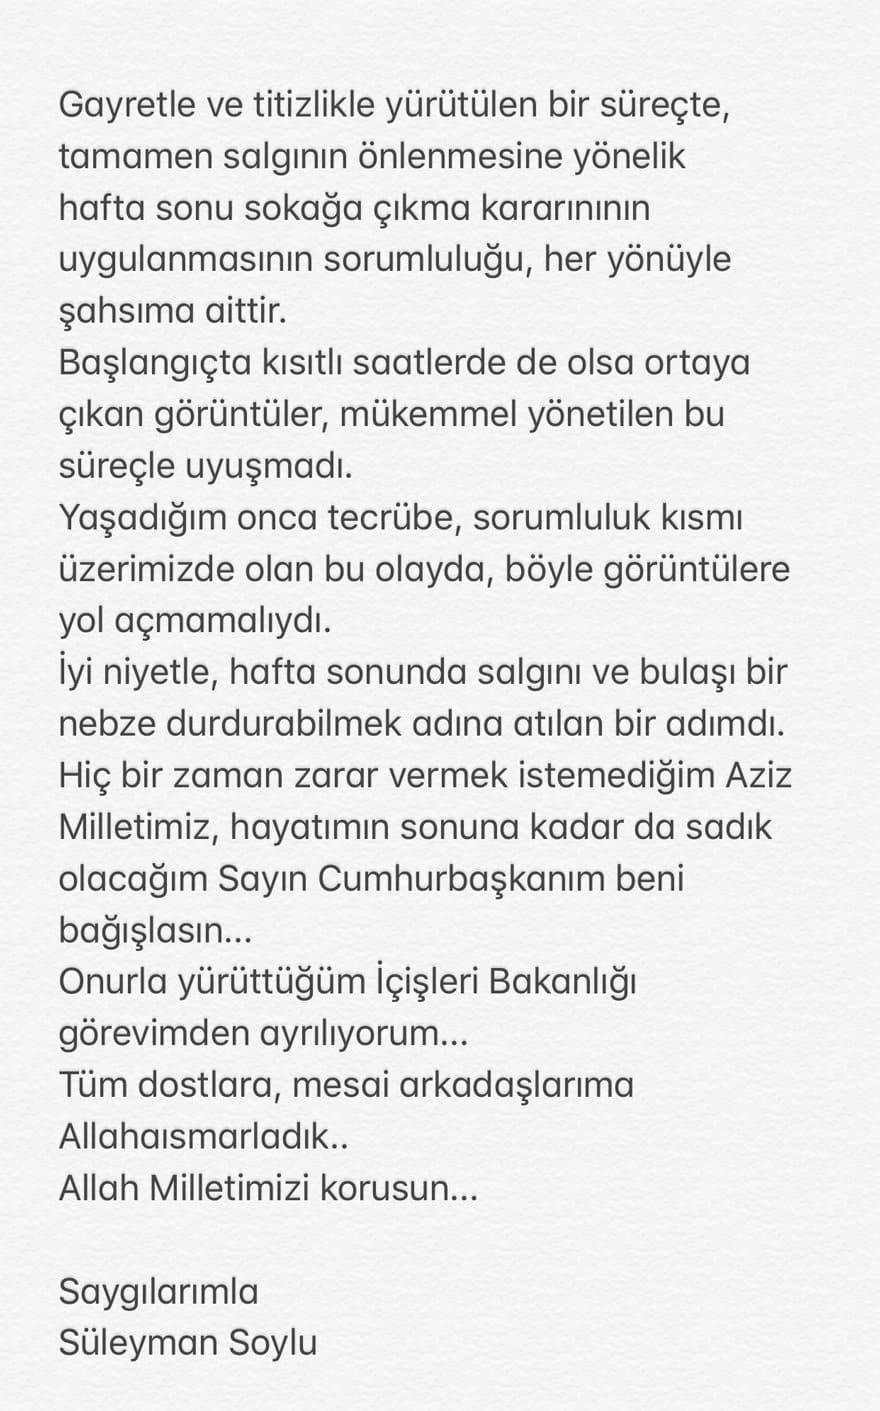 Süleyman Soylu şu mesajı paylaşarak görevinden ayrıldığını duyurdu istifa